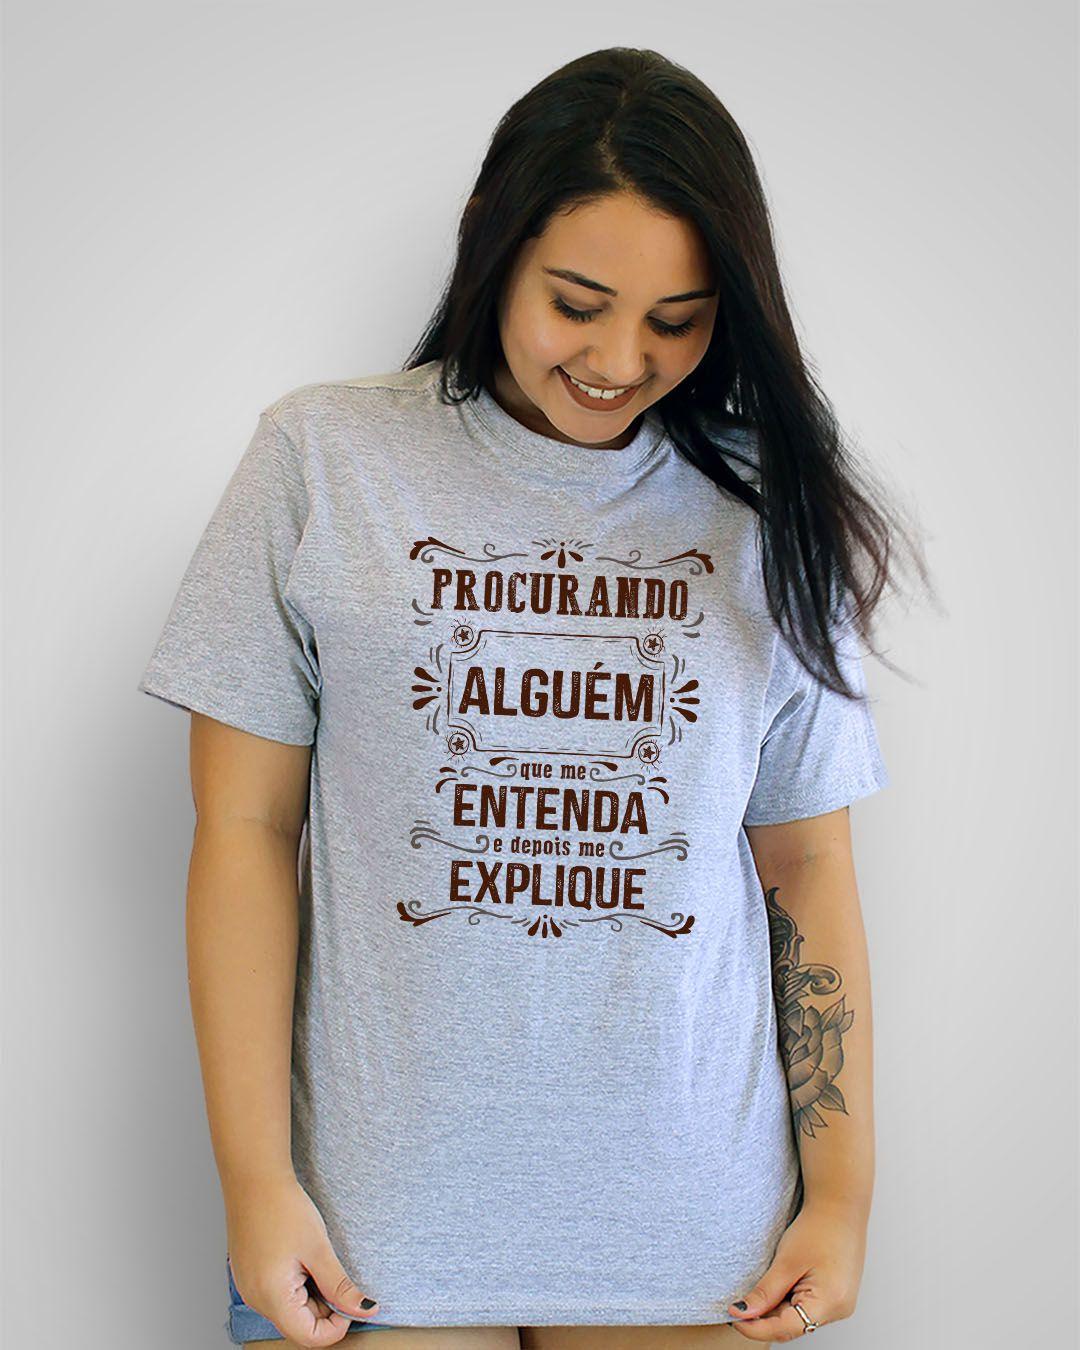 Camiseta Procurando alguém quem me entenda e depois me explique